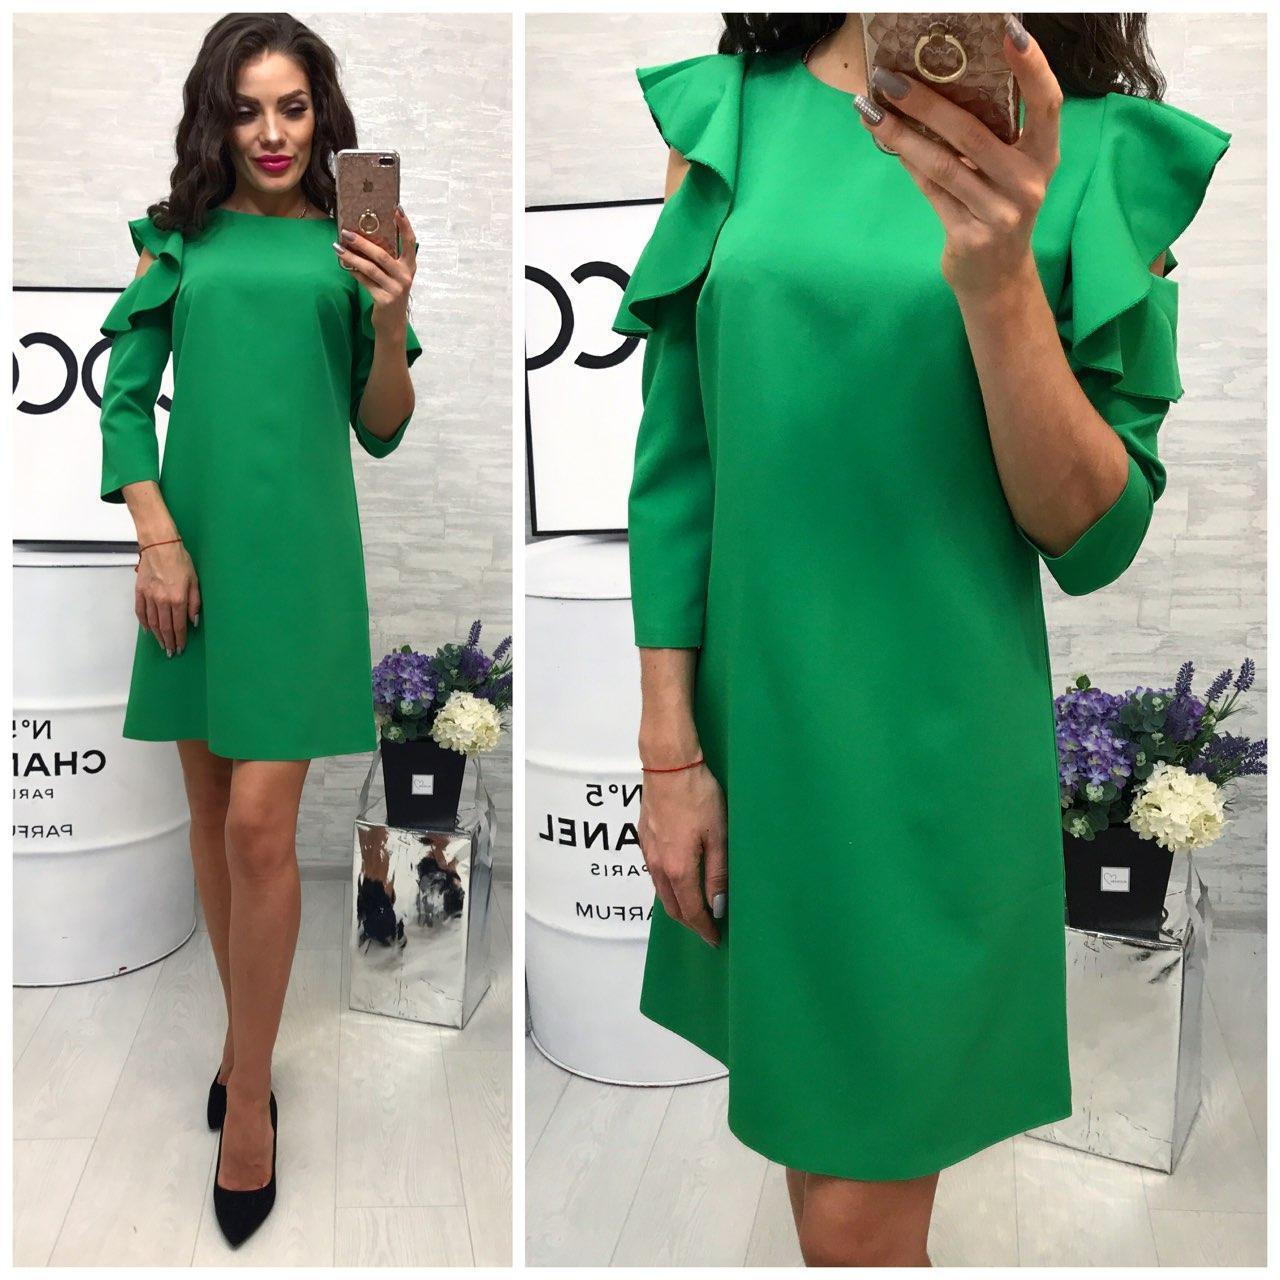 b3179a017eb Платье модель 783 2 зеленый - Интернет магазин женской одежды Khan в Одессе